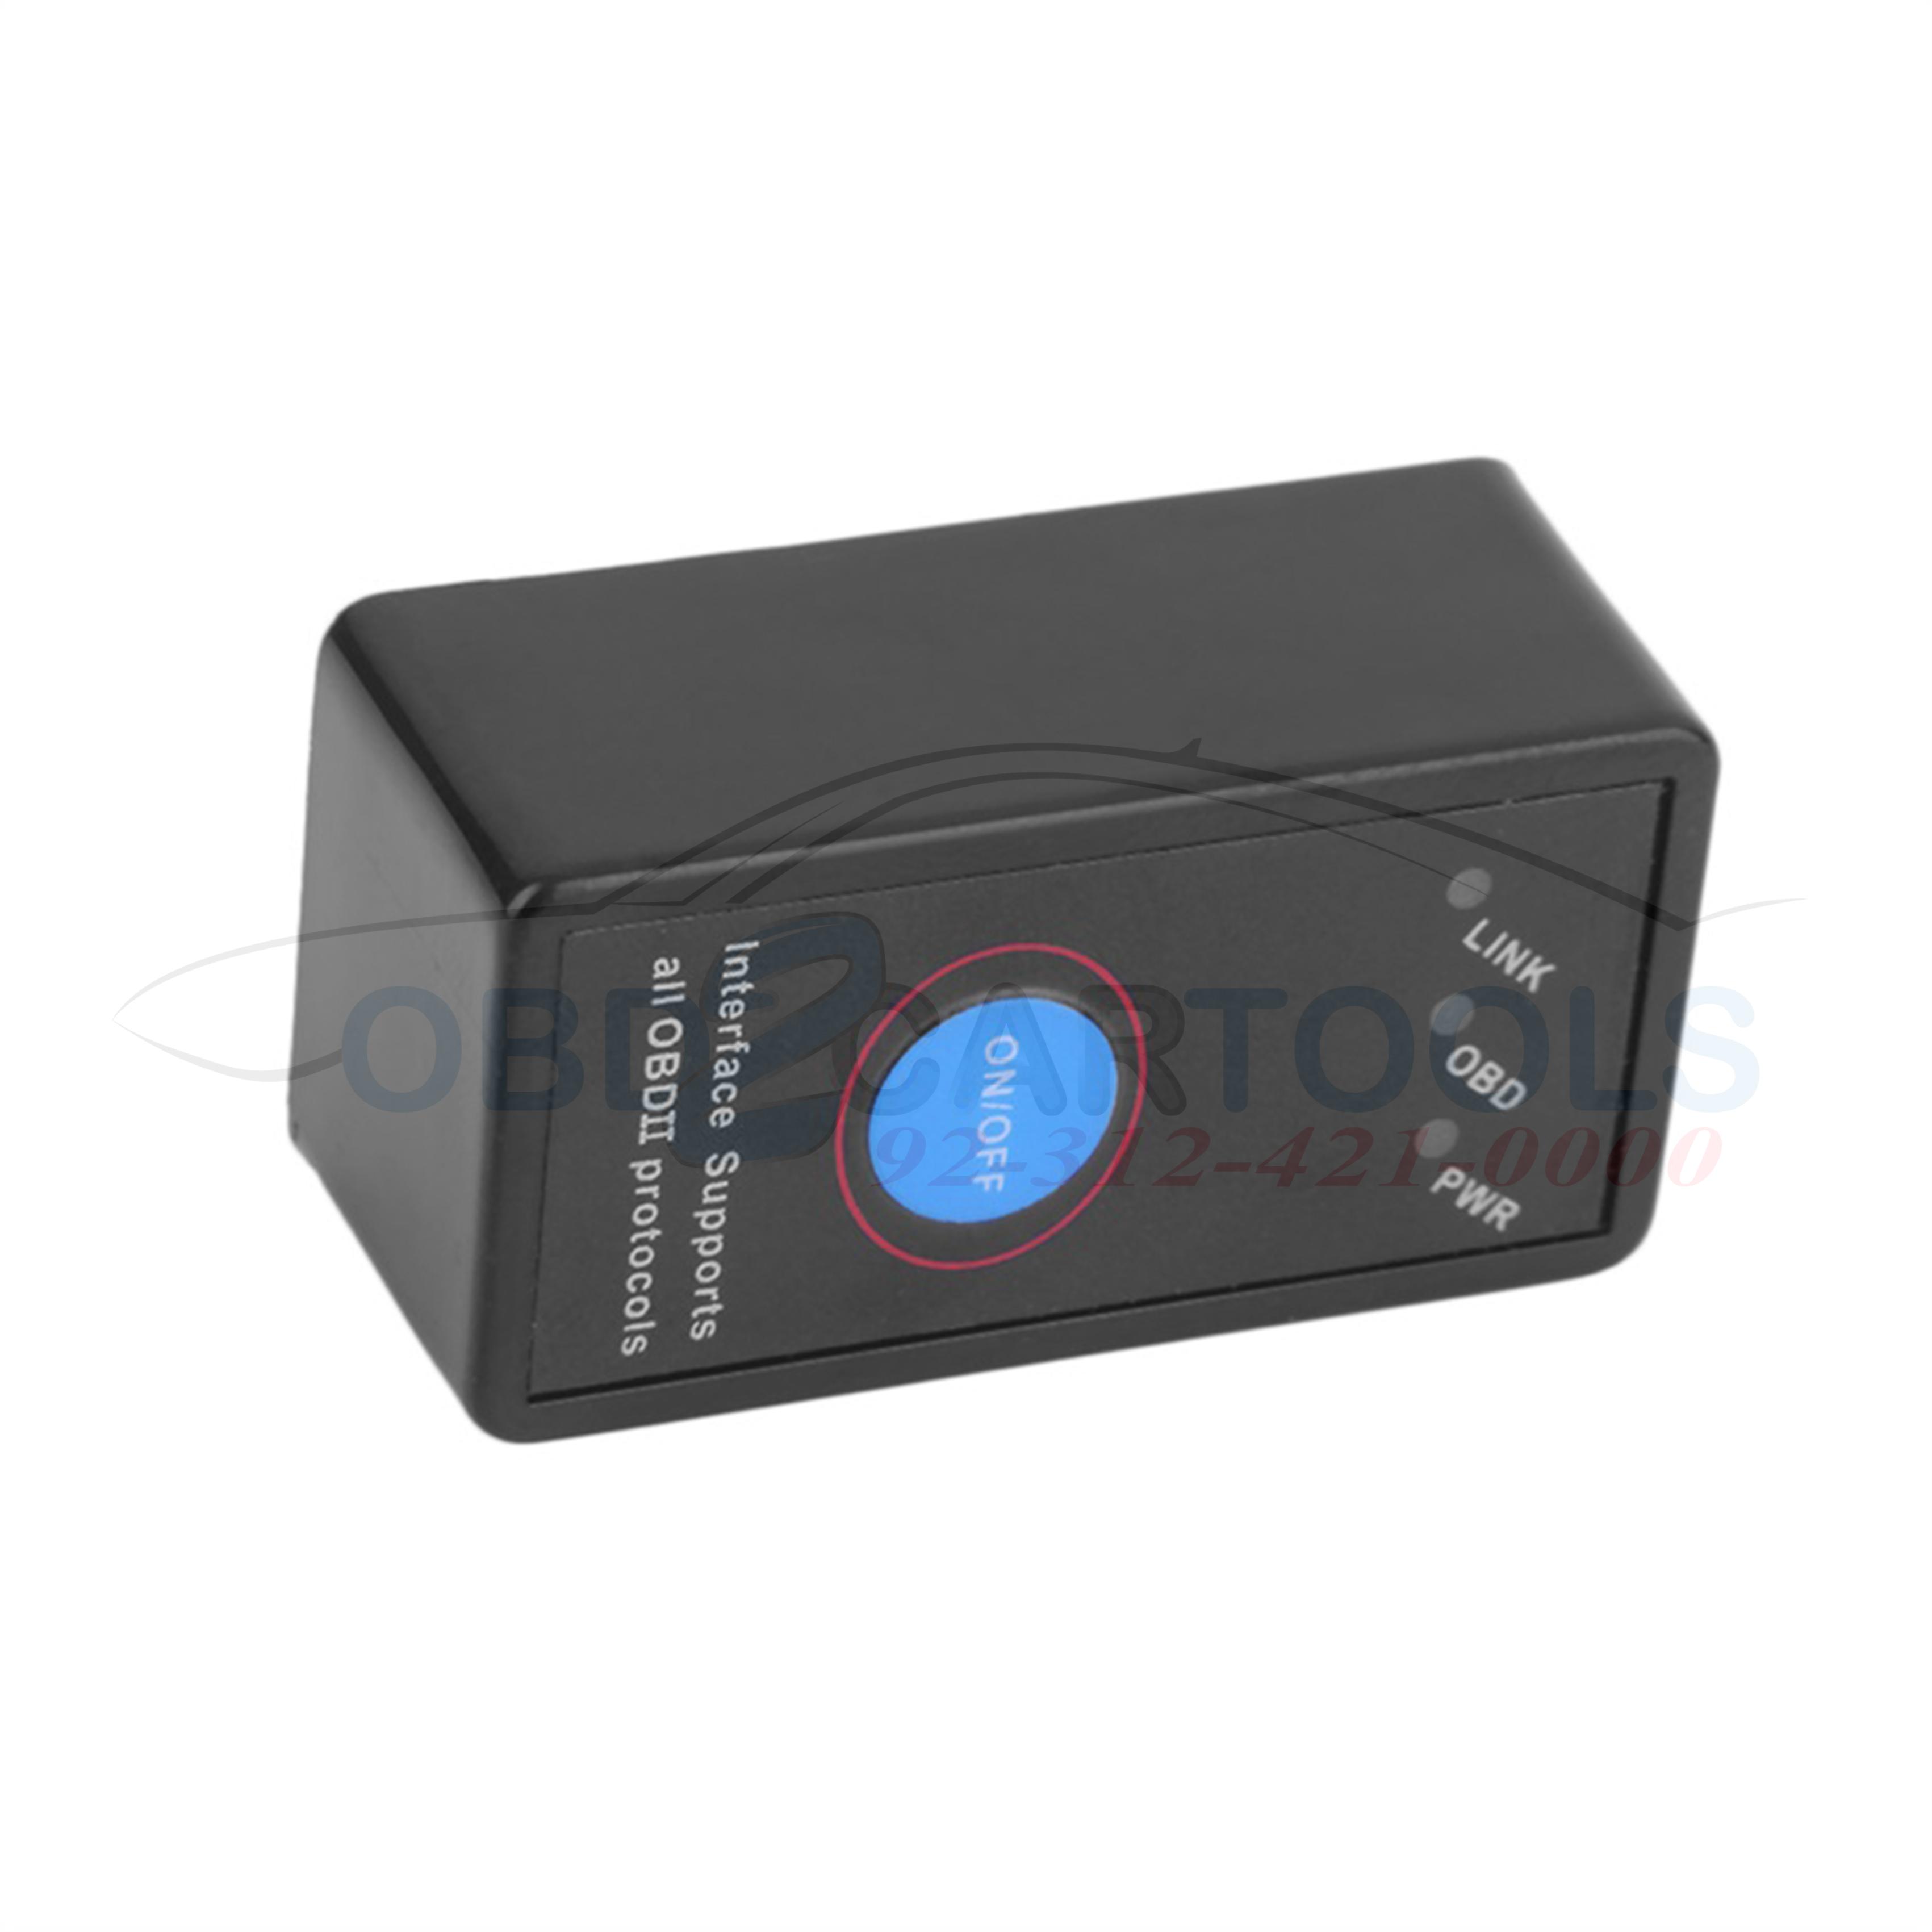 Super Vgate Elm327 Bluetooth V1 5 With On Off Switch Obd2 Car Scanner